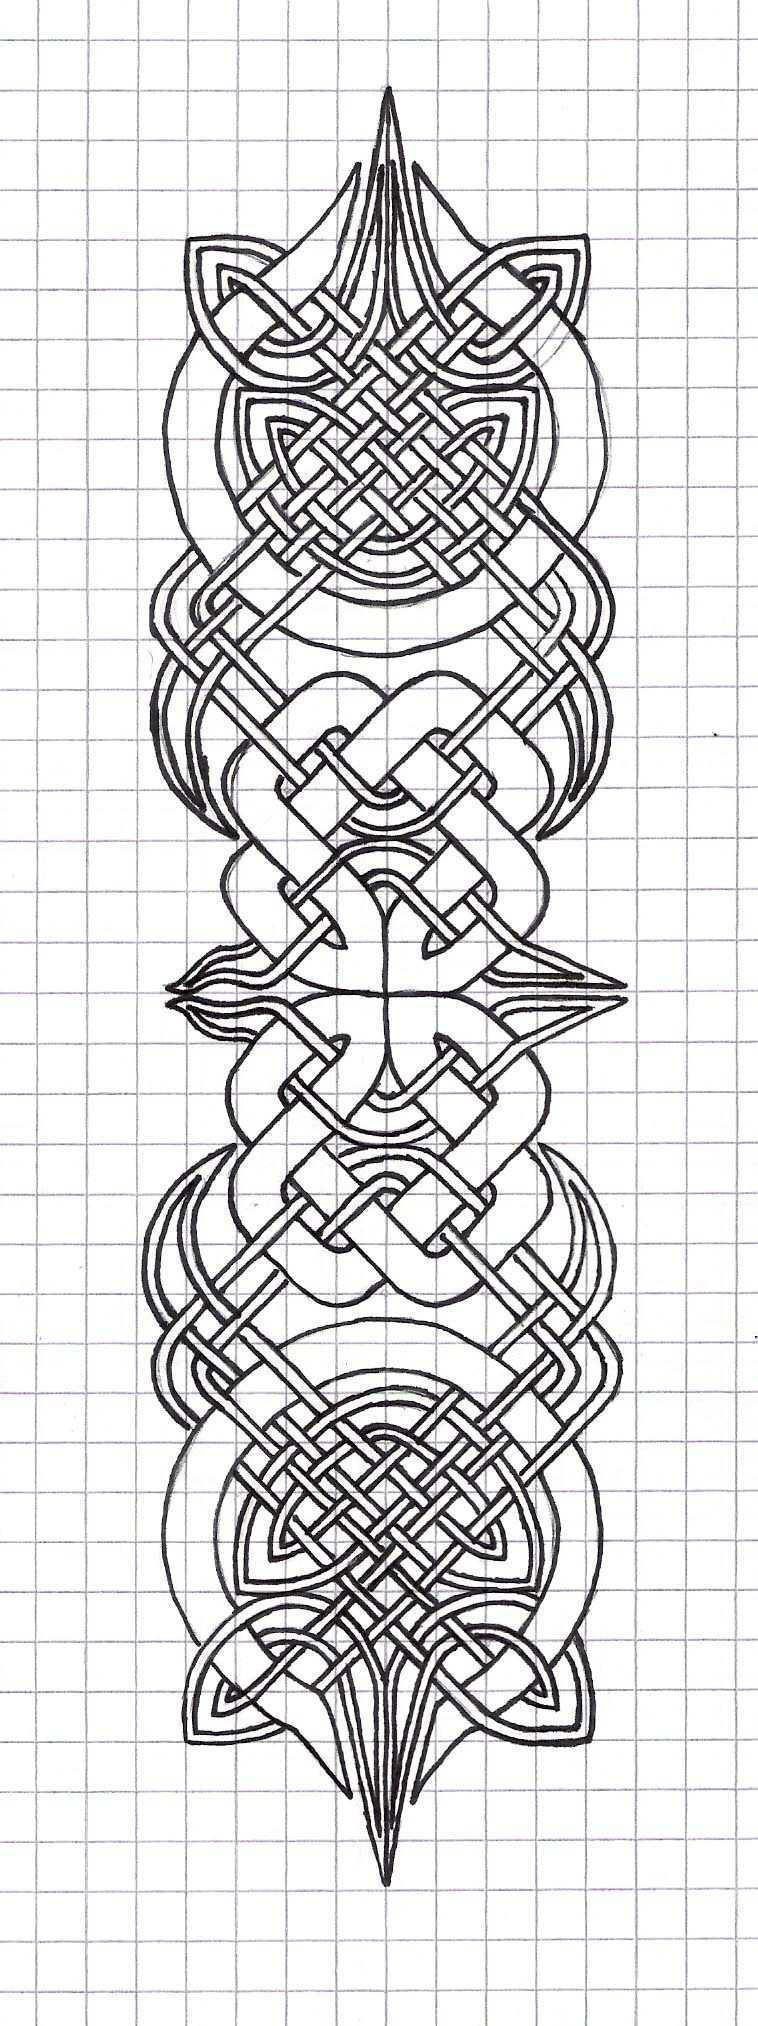 Kind Of Complicated But Very Cool Keltische Designs Keltische Muster Und Keltische Knoten